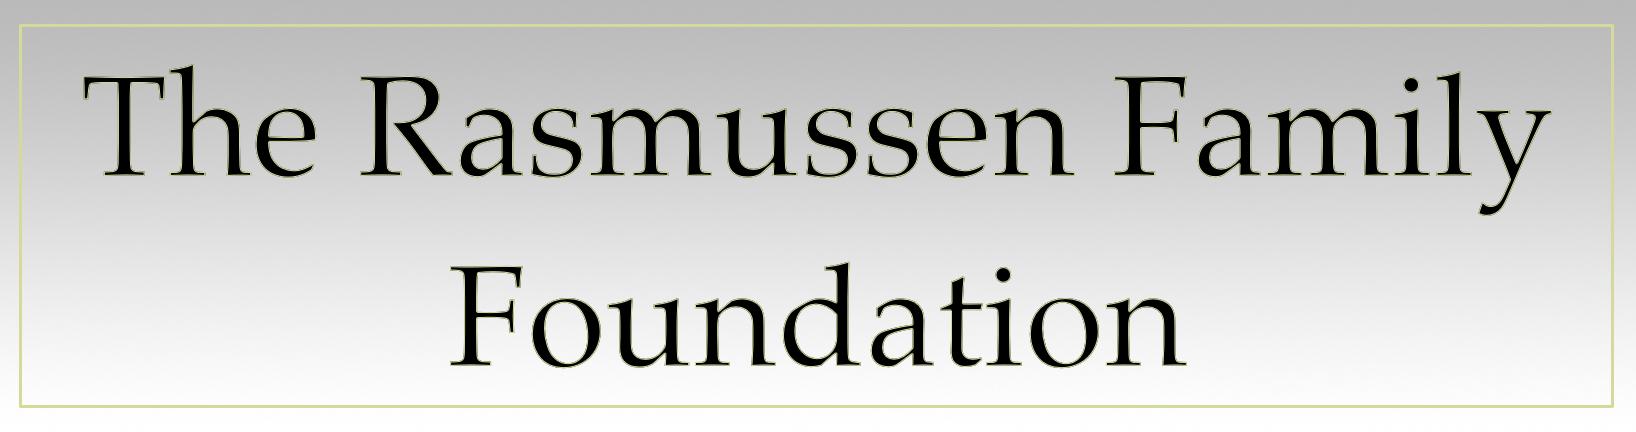 Rasmussen Family Foundation.jpg